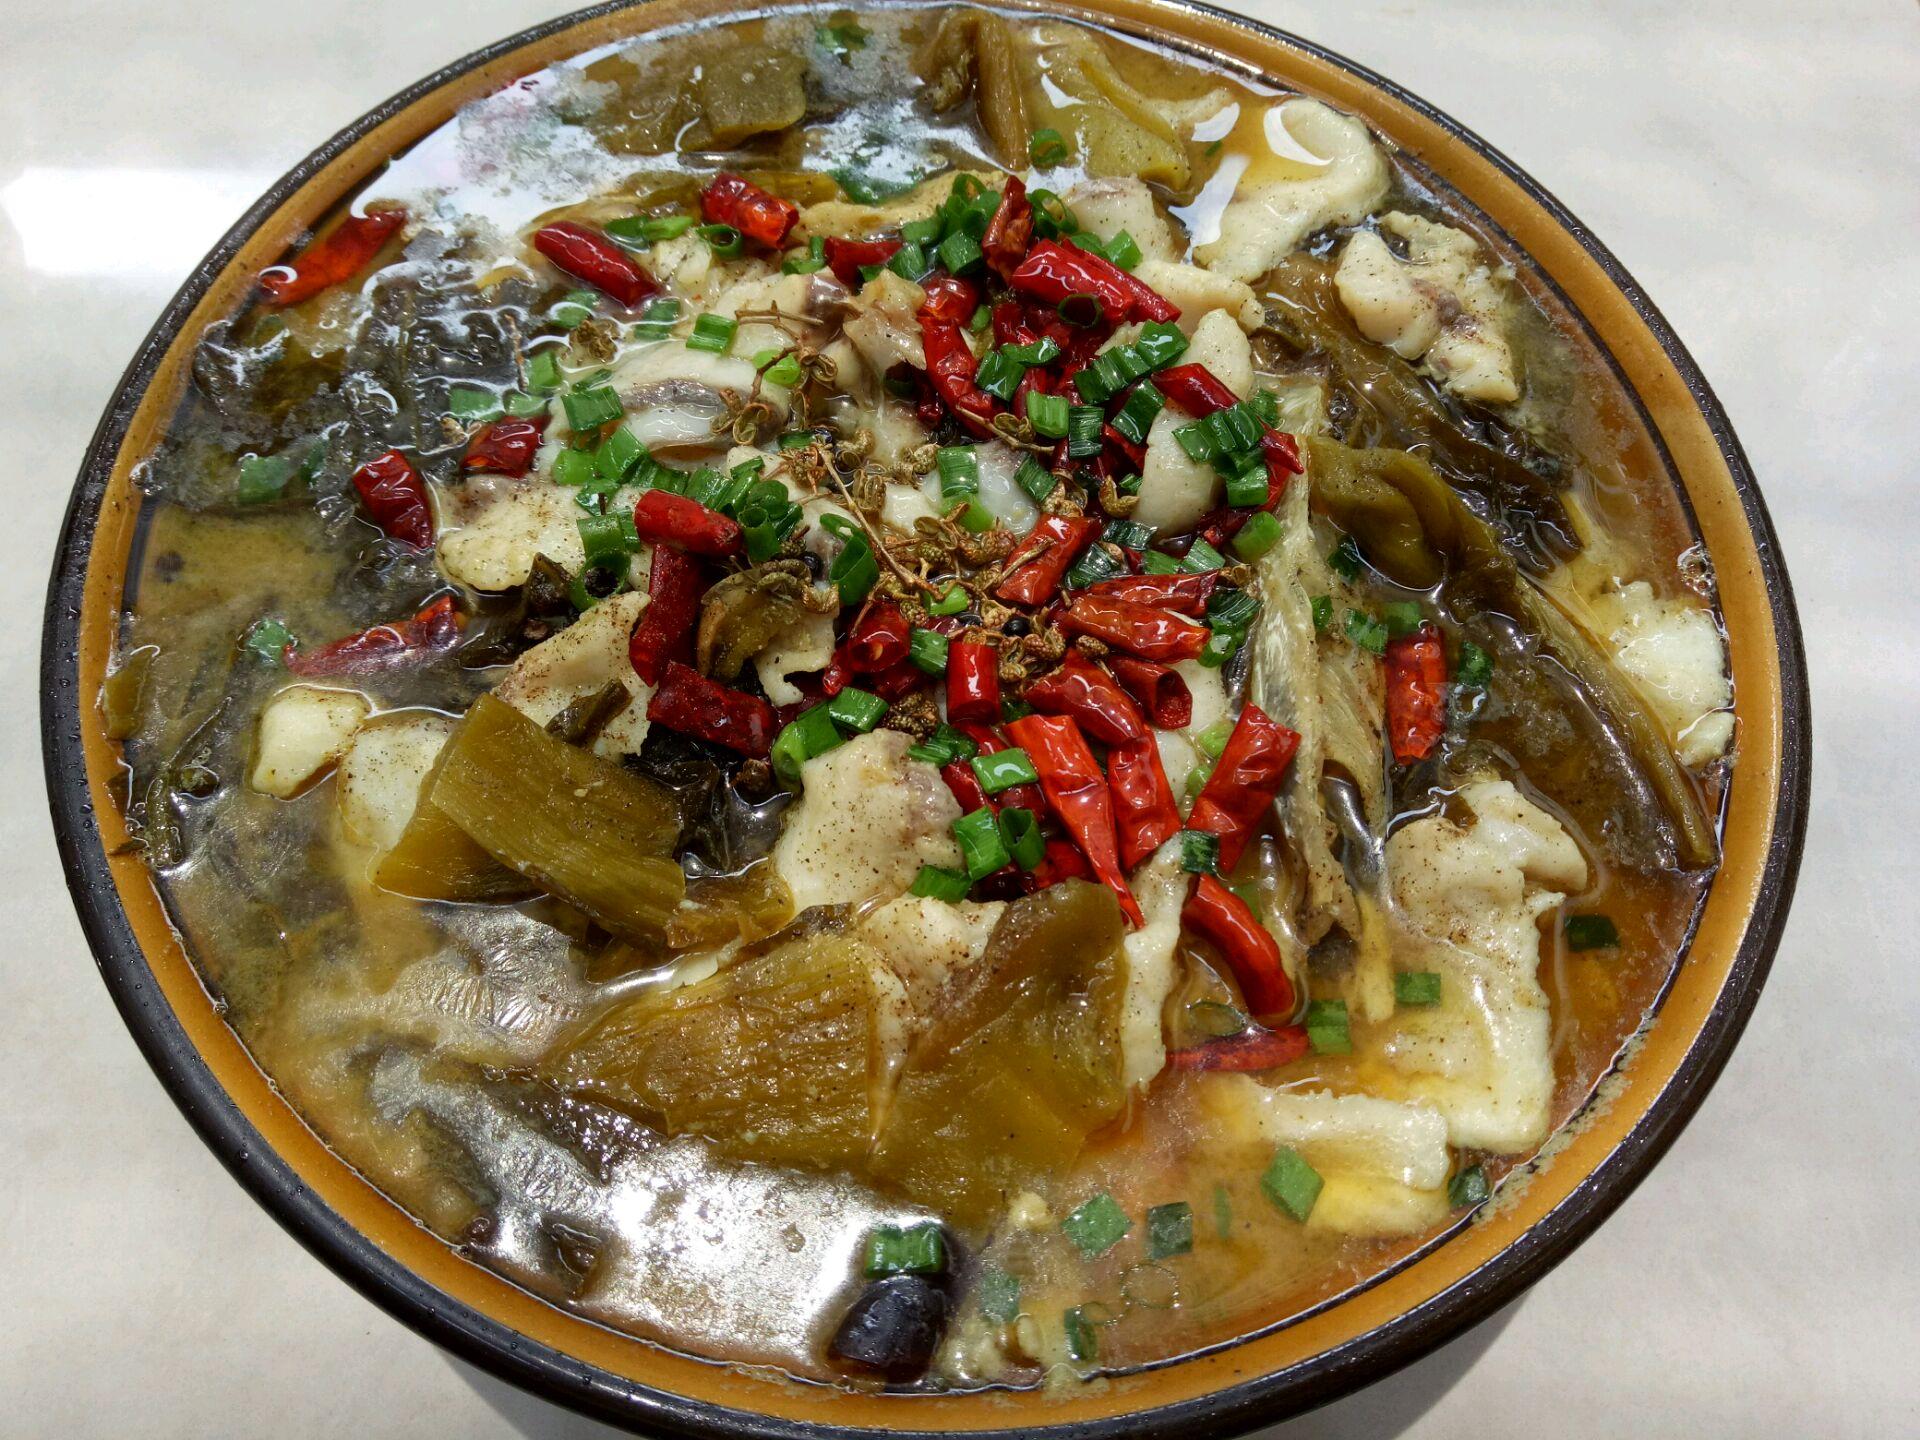 麻辣酸菜鱼的做法步骤 4.